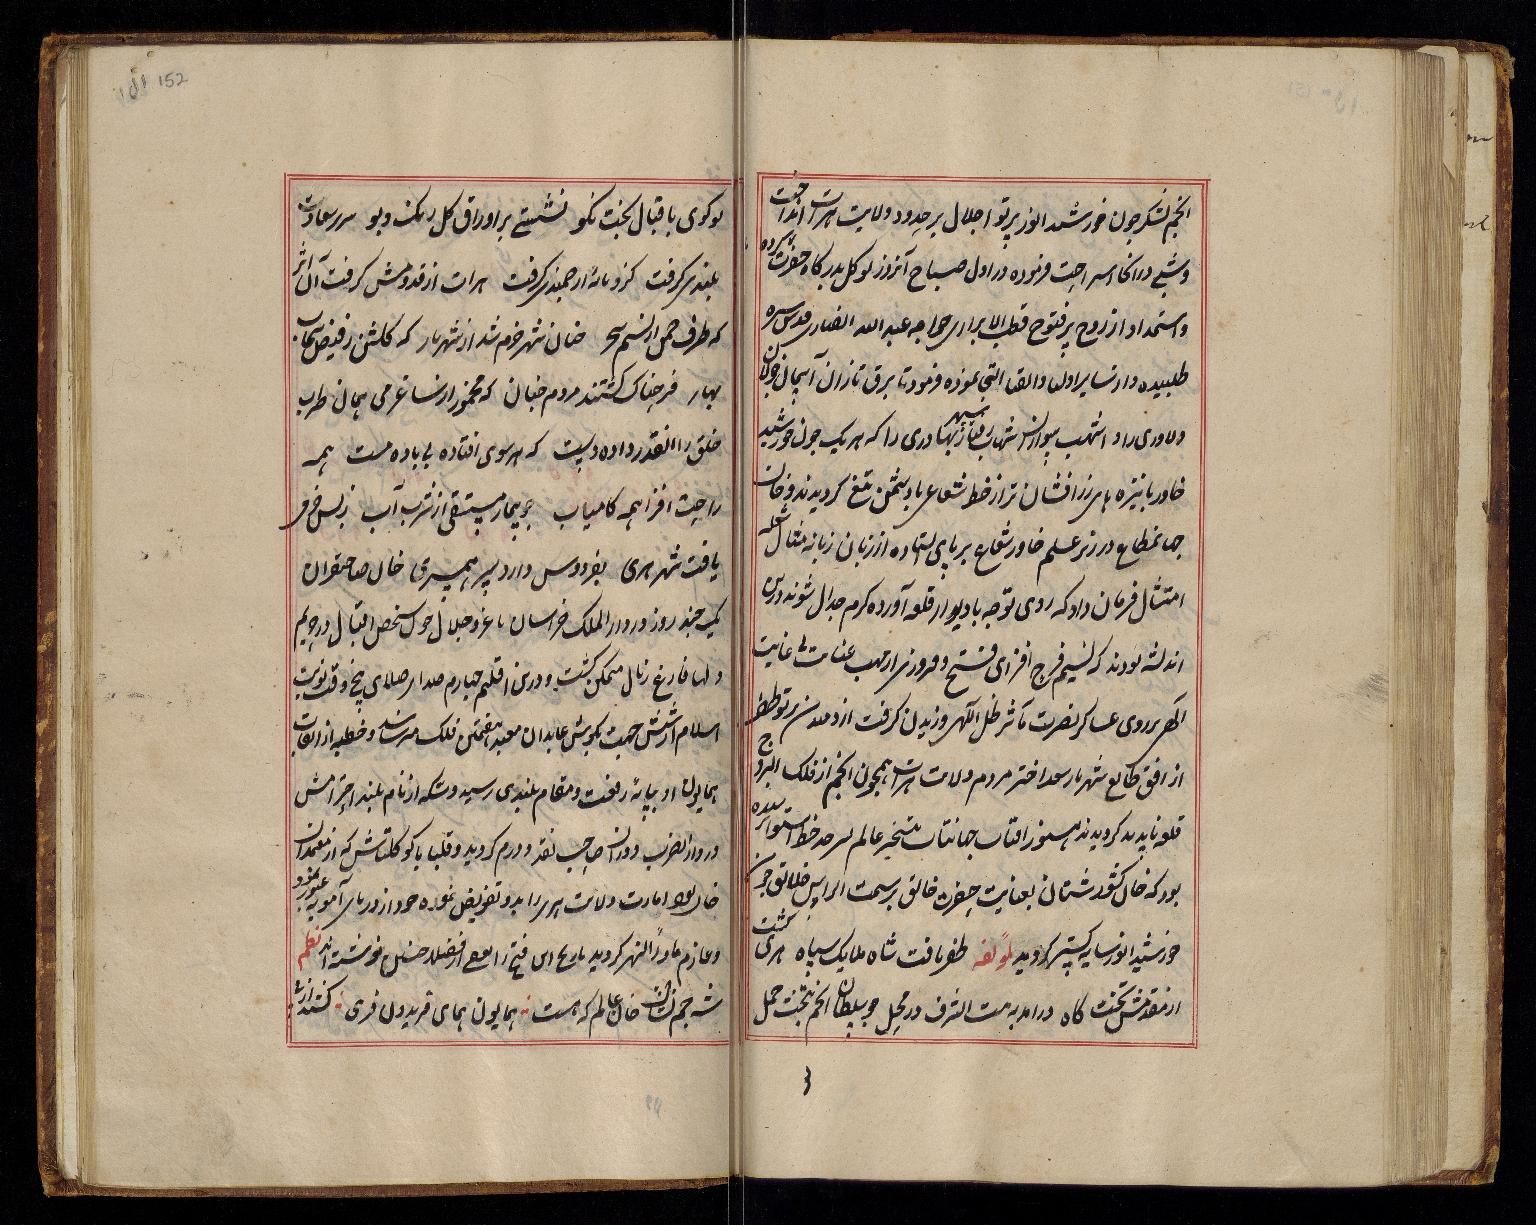 Tawarikh-i Mir Sayyid Sharif 'Raqim', f.152